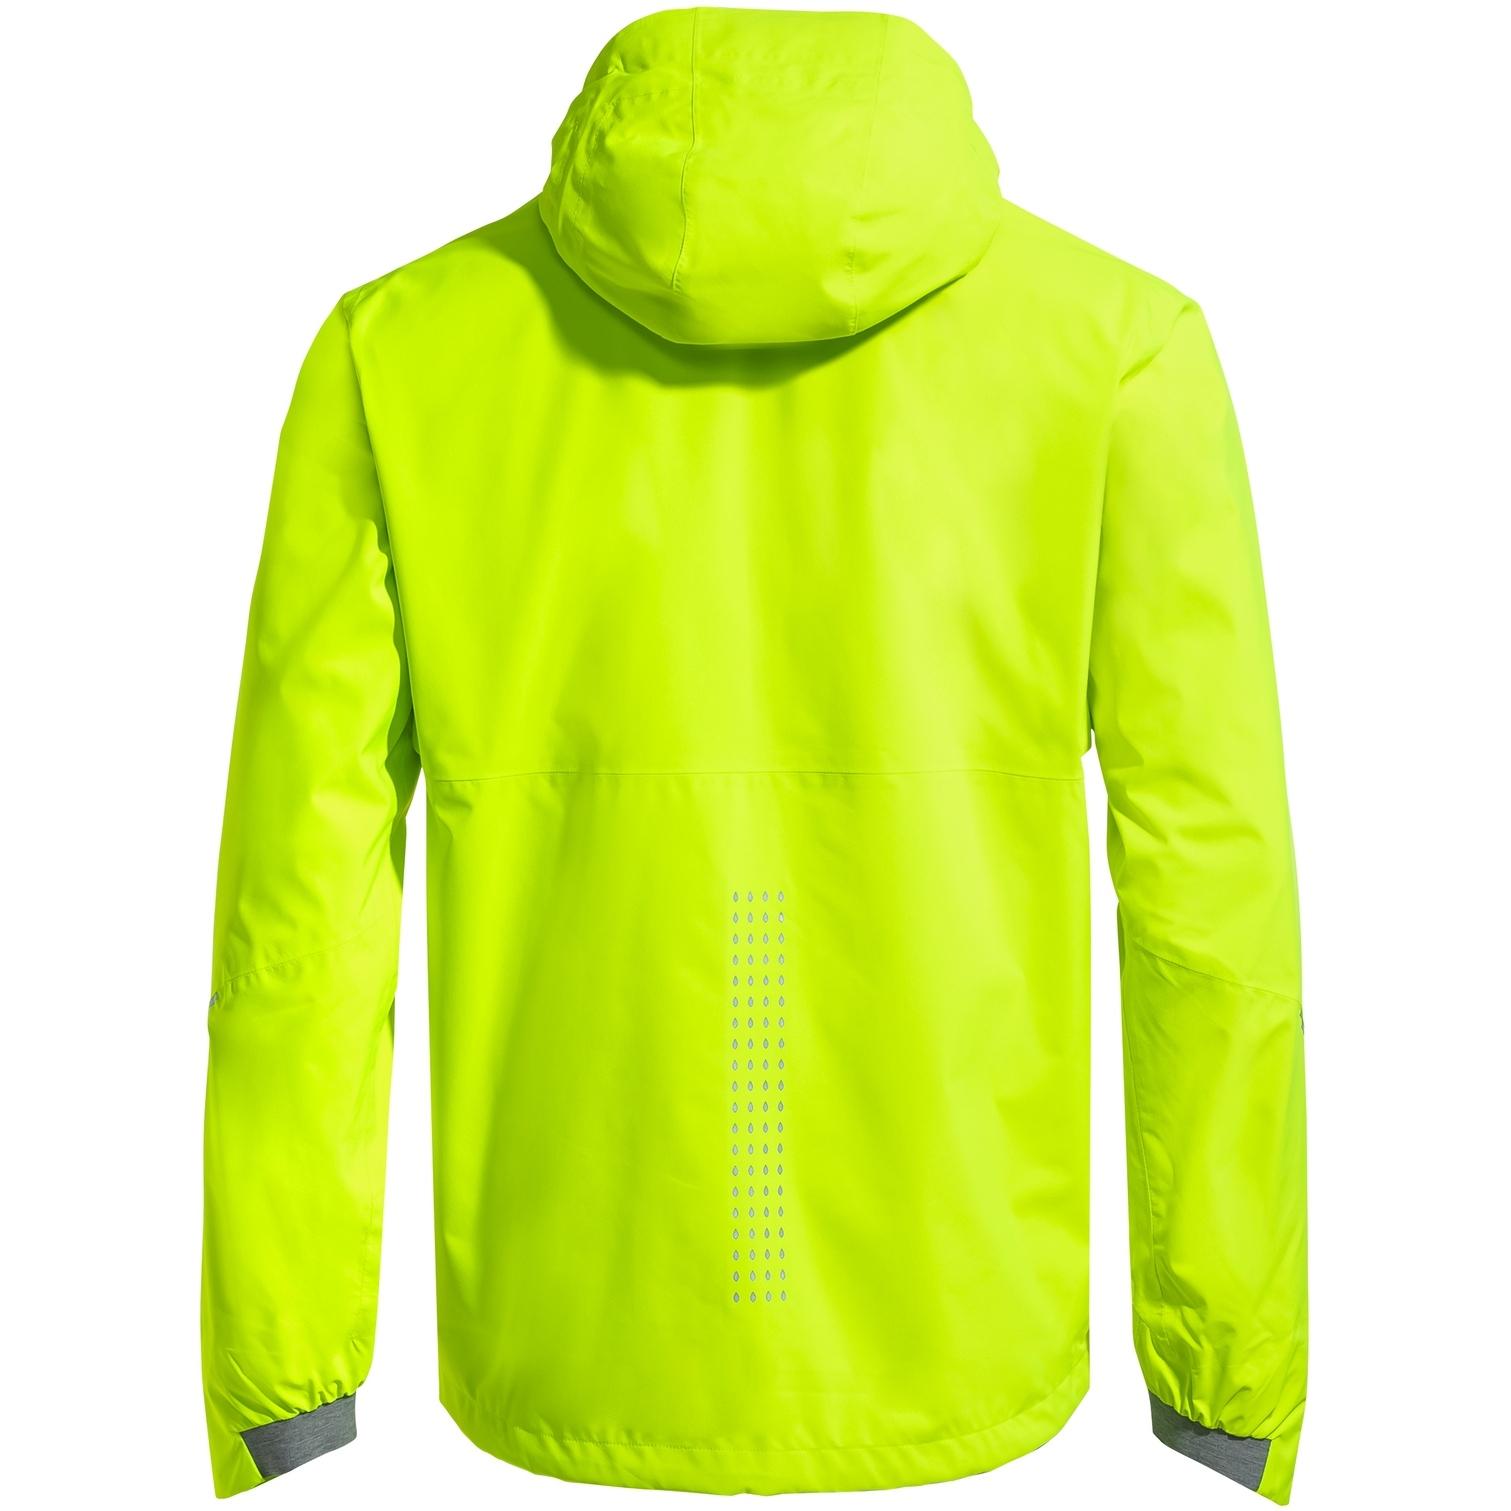 Image of Vaude Men's Yaras 3in1 Jacket - neon yellow